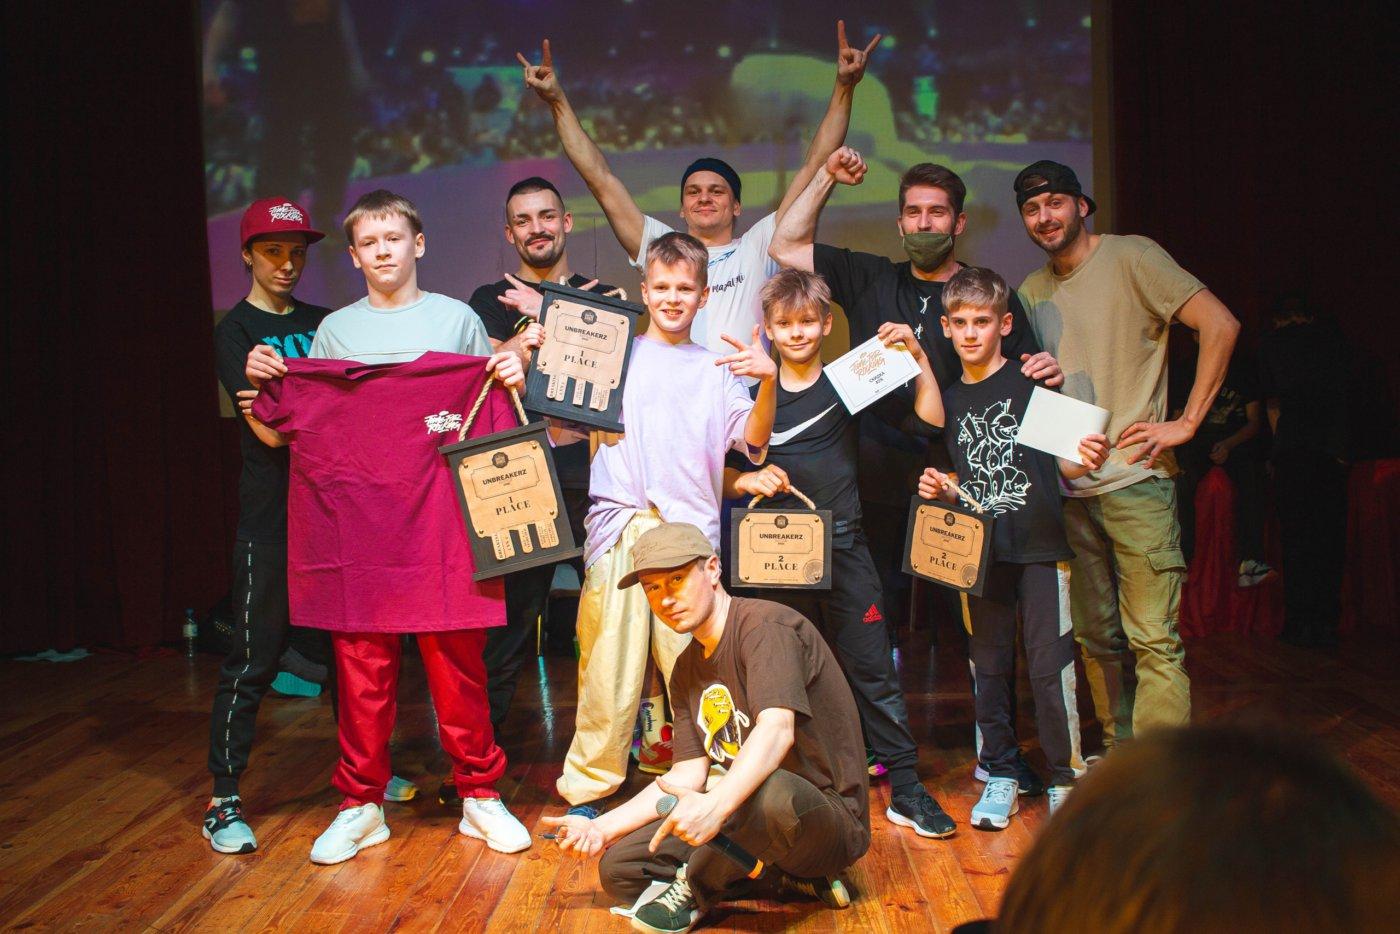 Поздравляем наших учеников с победами на фестивале в г. Заславль.